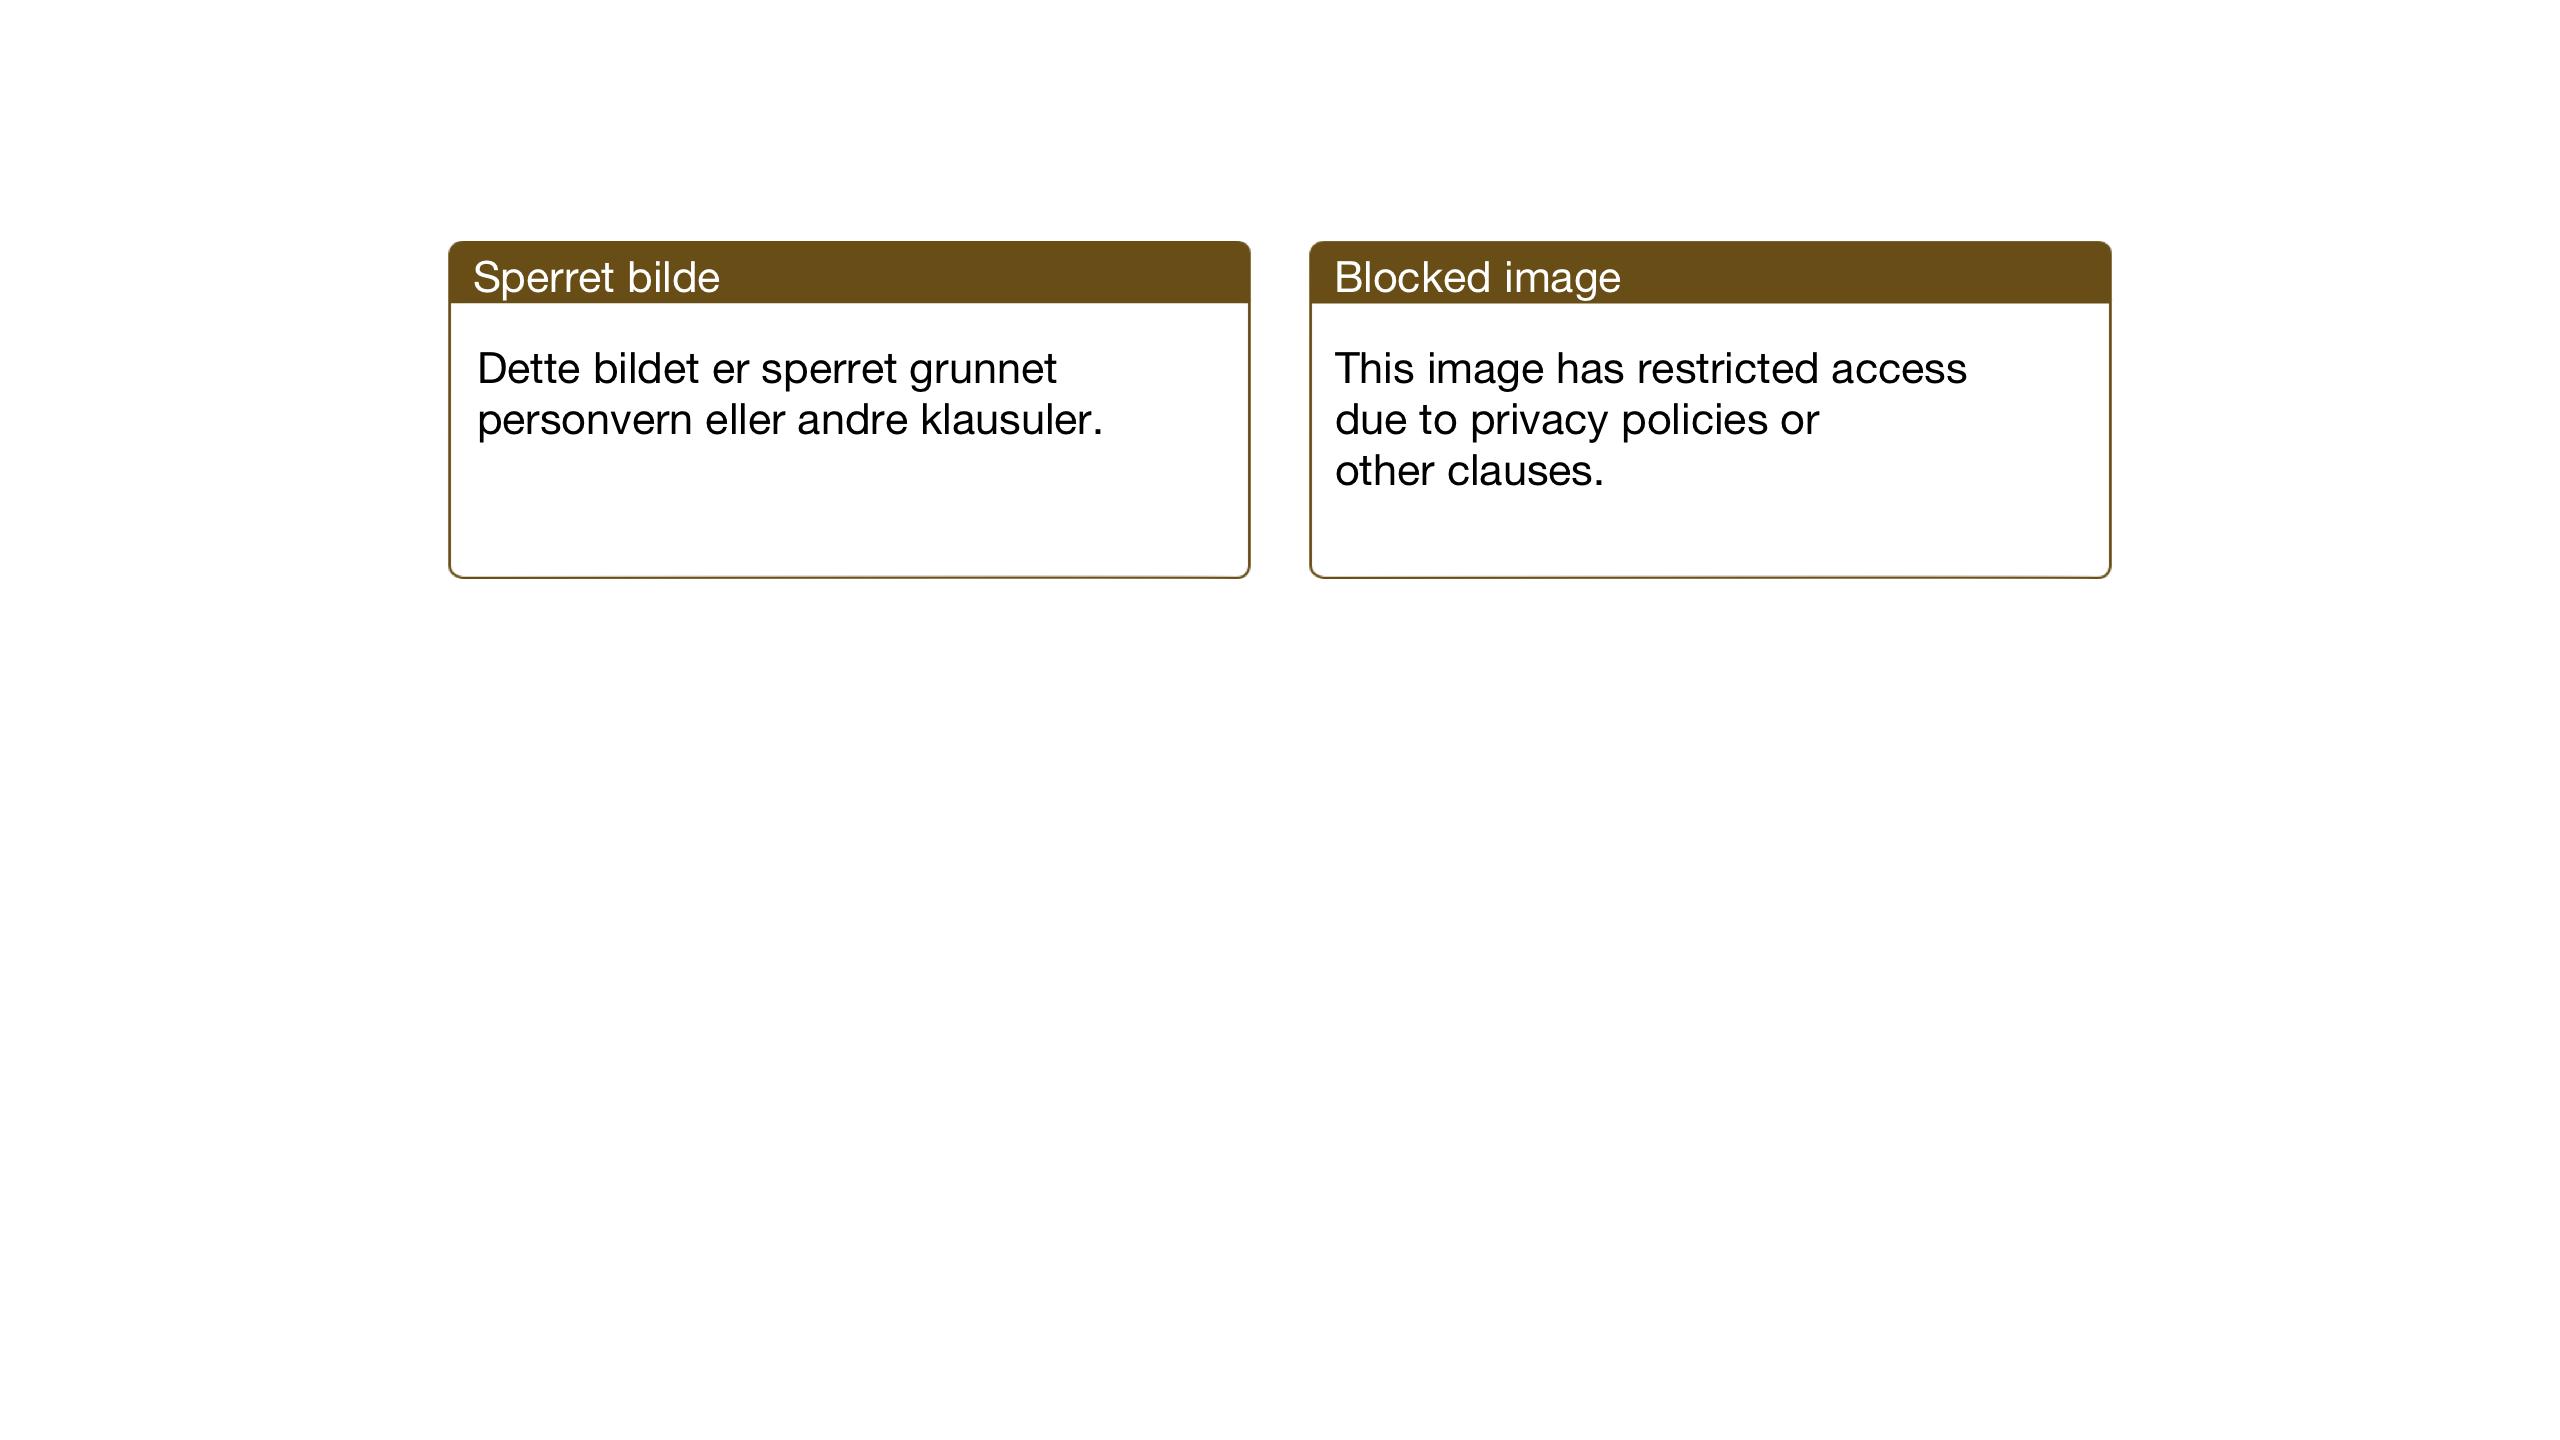 SAT, Ministerialprotokoller, klokkerbøker og fødselsregistre - Nord-Trøndelag, 722/L0227: Klokkerbok nr. 722C03, 1928-1958, s. 76